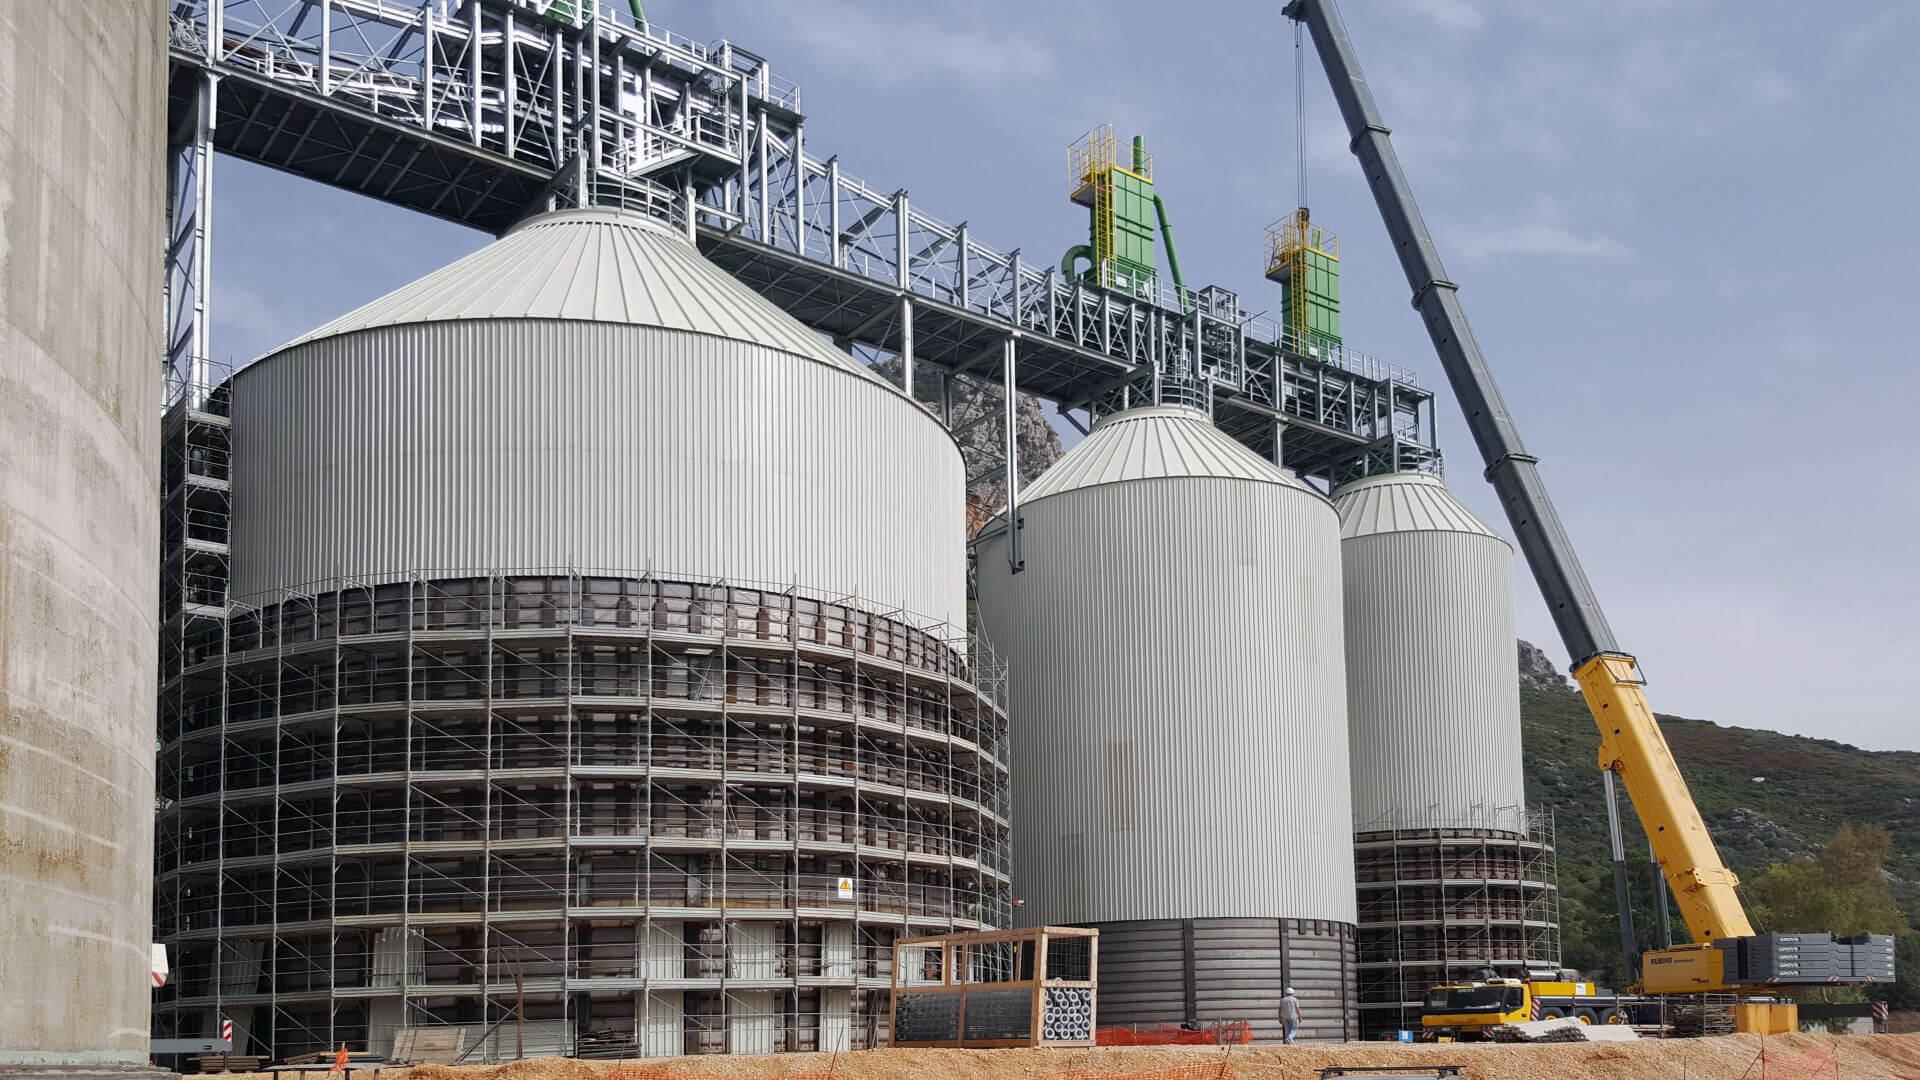 spiral silos aggregates